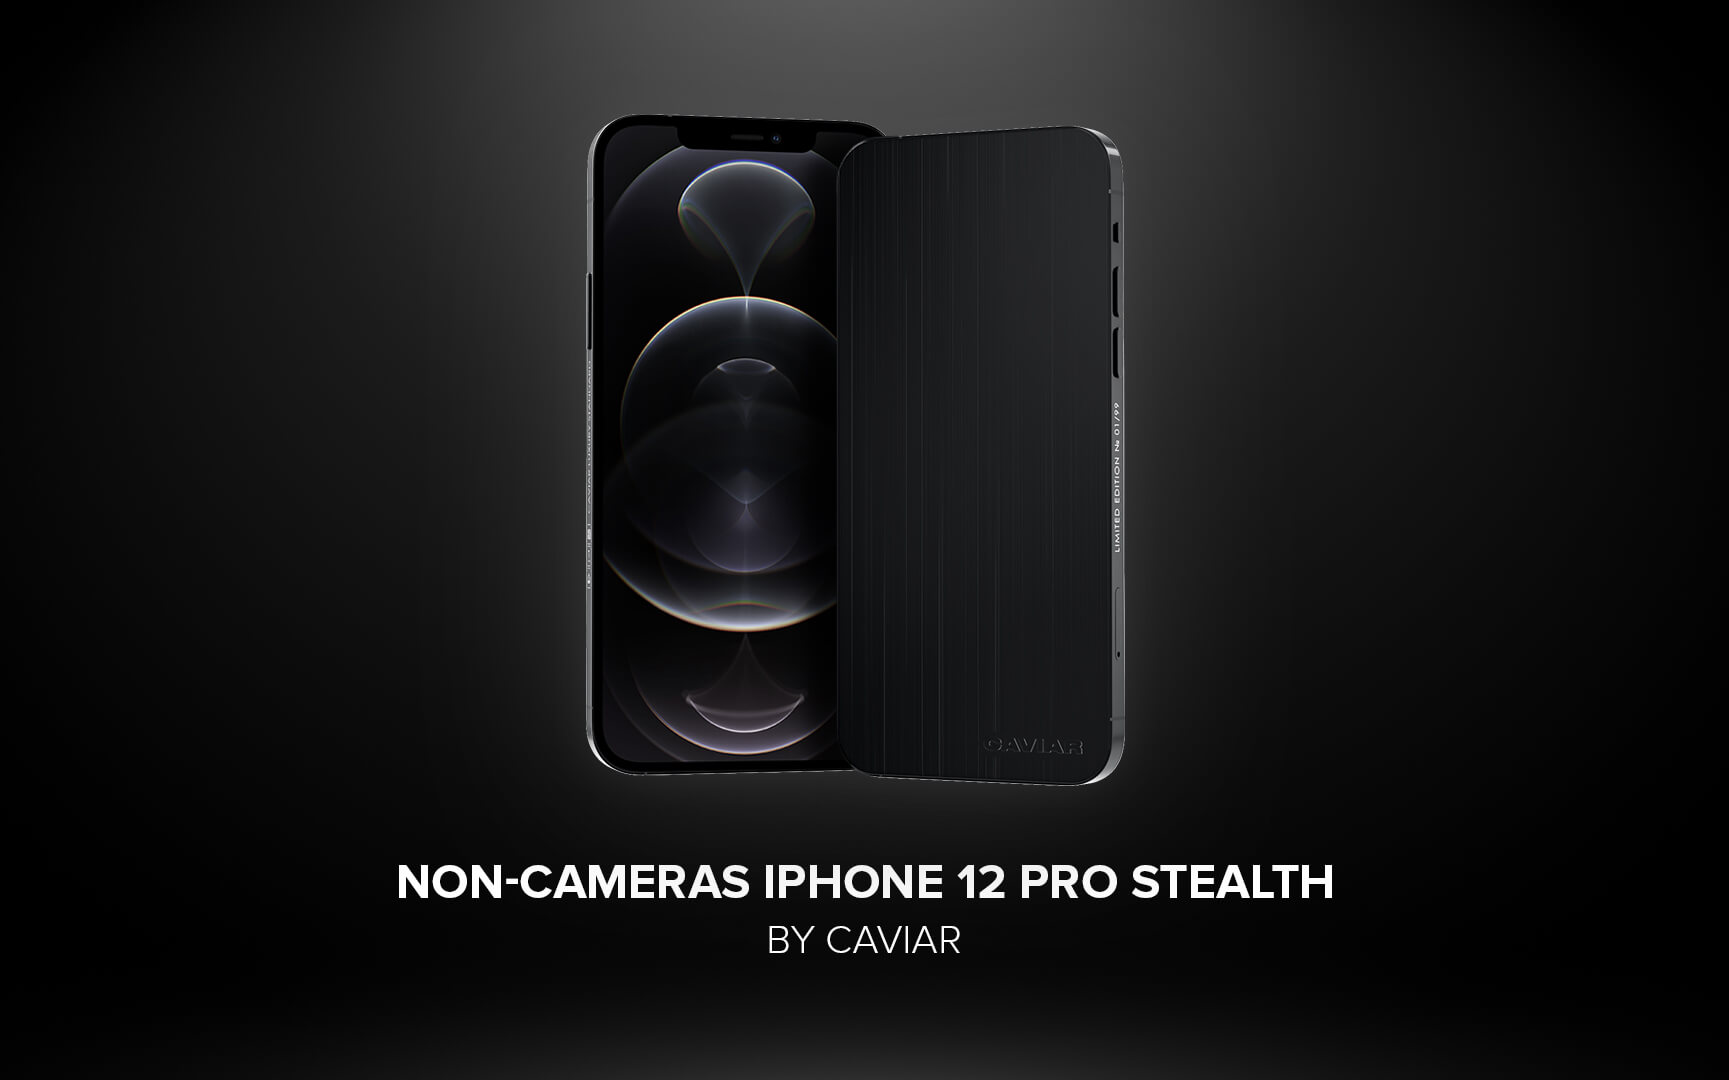 Caviar zbavil fotoaparátu iPhone 12 Pro v edici Stealth